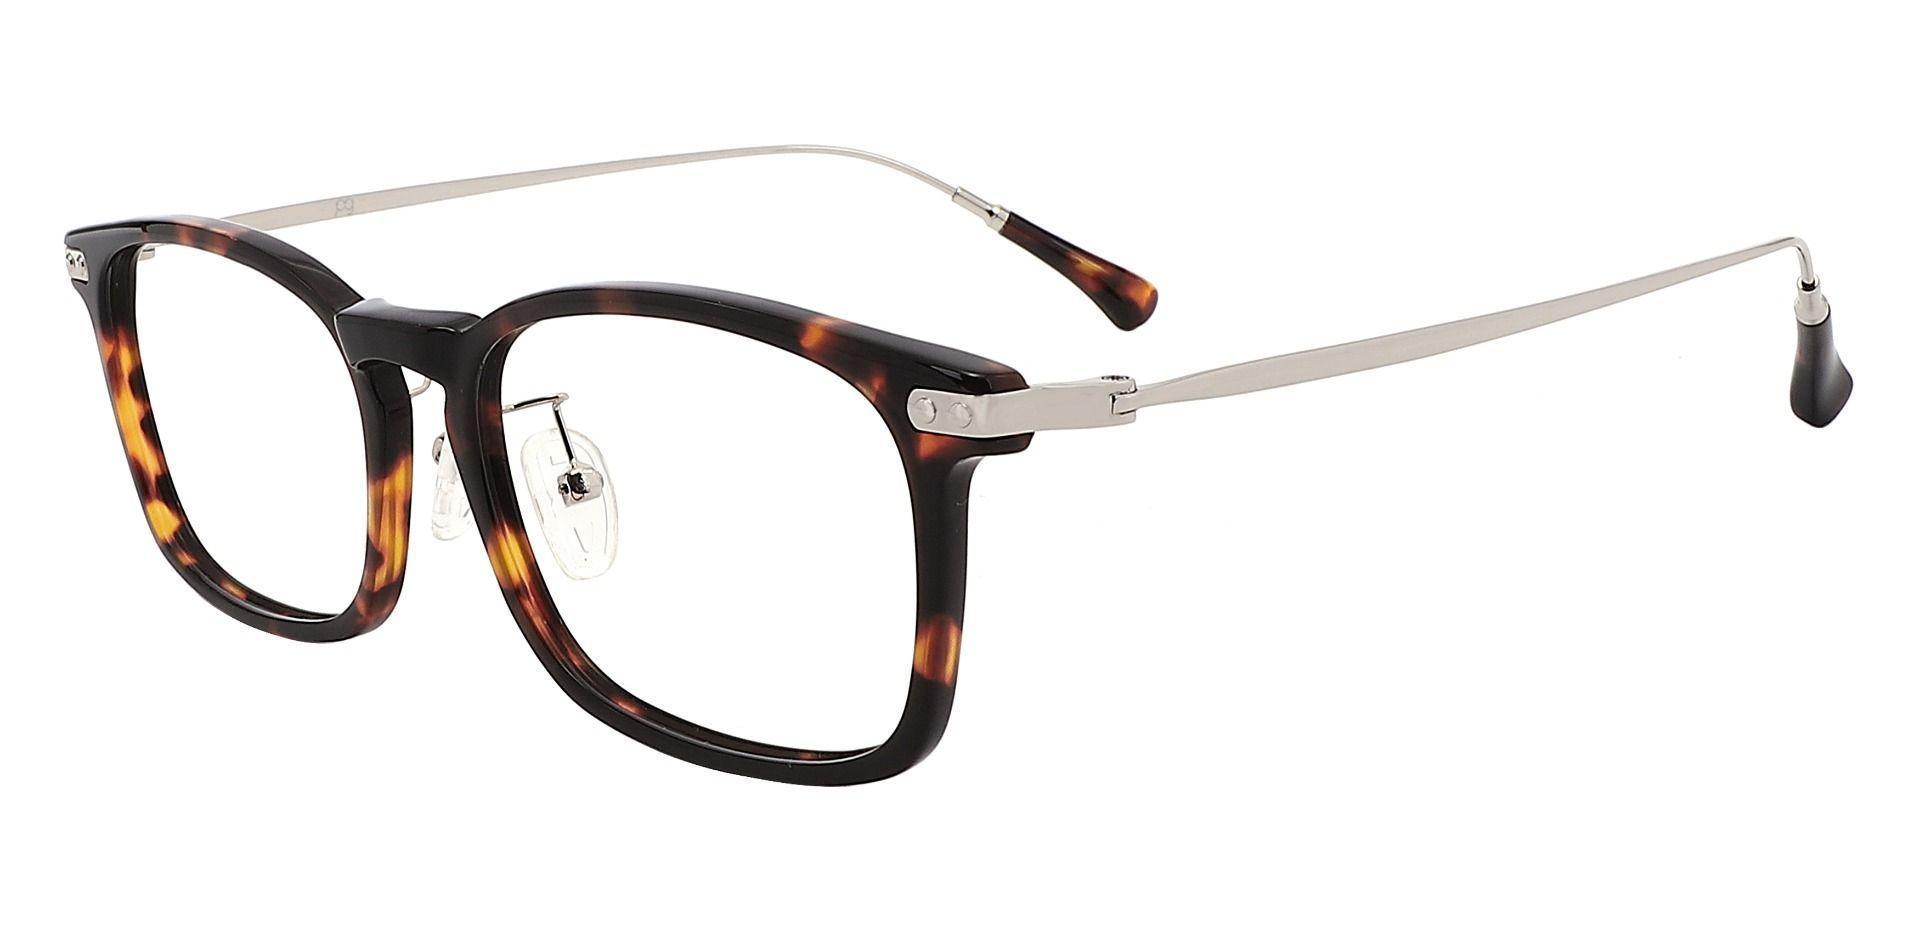 Barron Rectangle Eyeglasses Frame - Tortoise